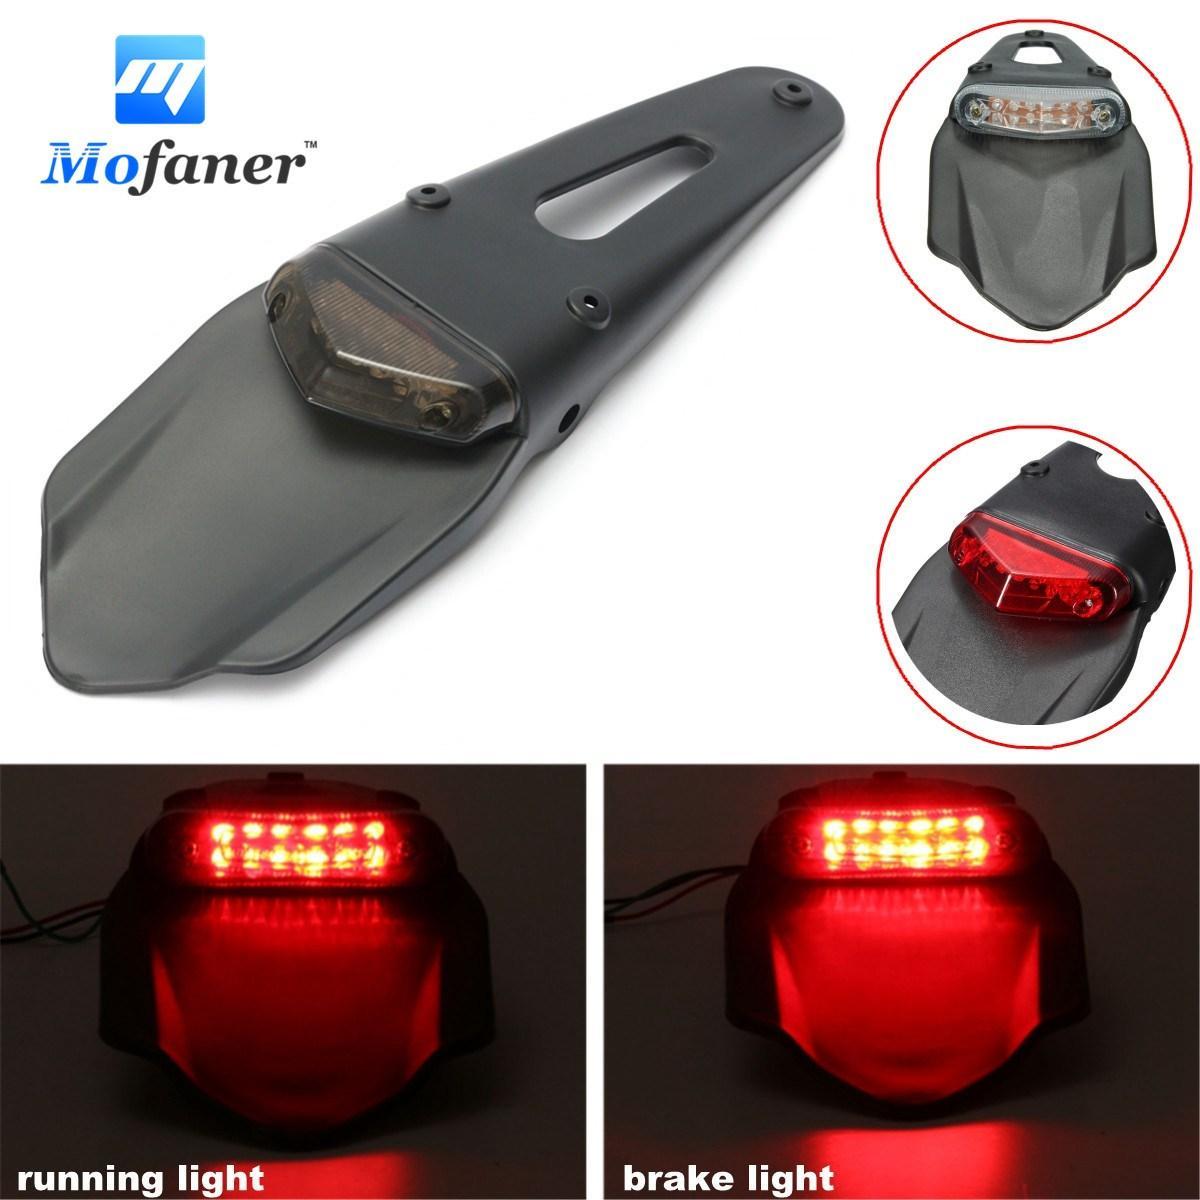 Mofaner Motorcycle Rear Tail Light For Fender Lights 12 LED Lamp ...